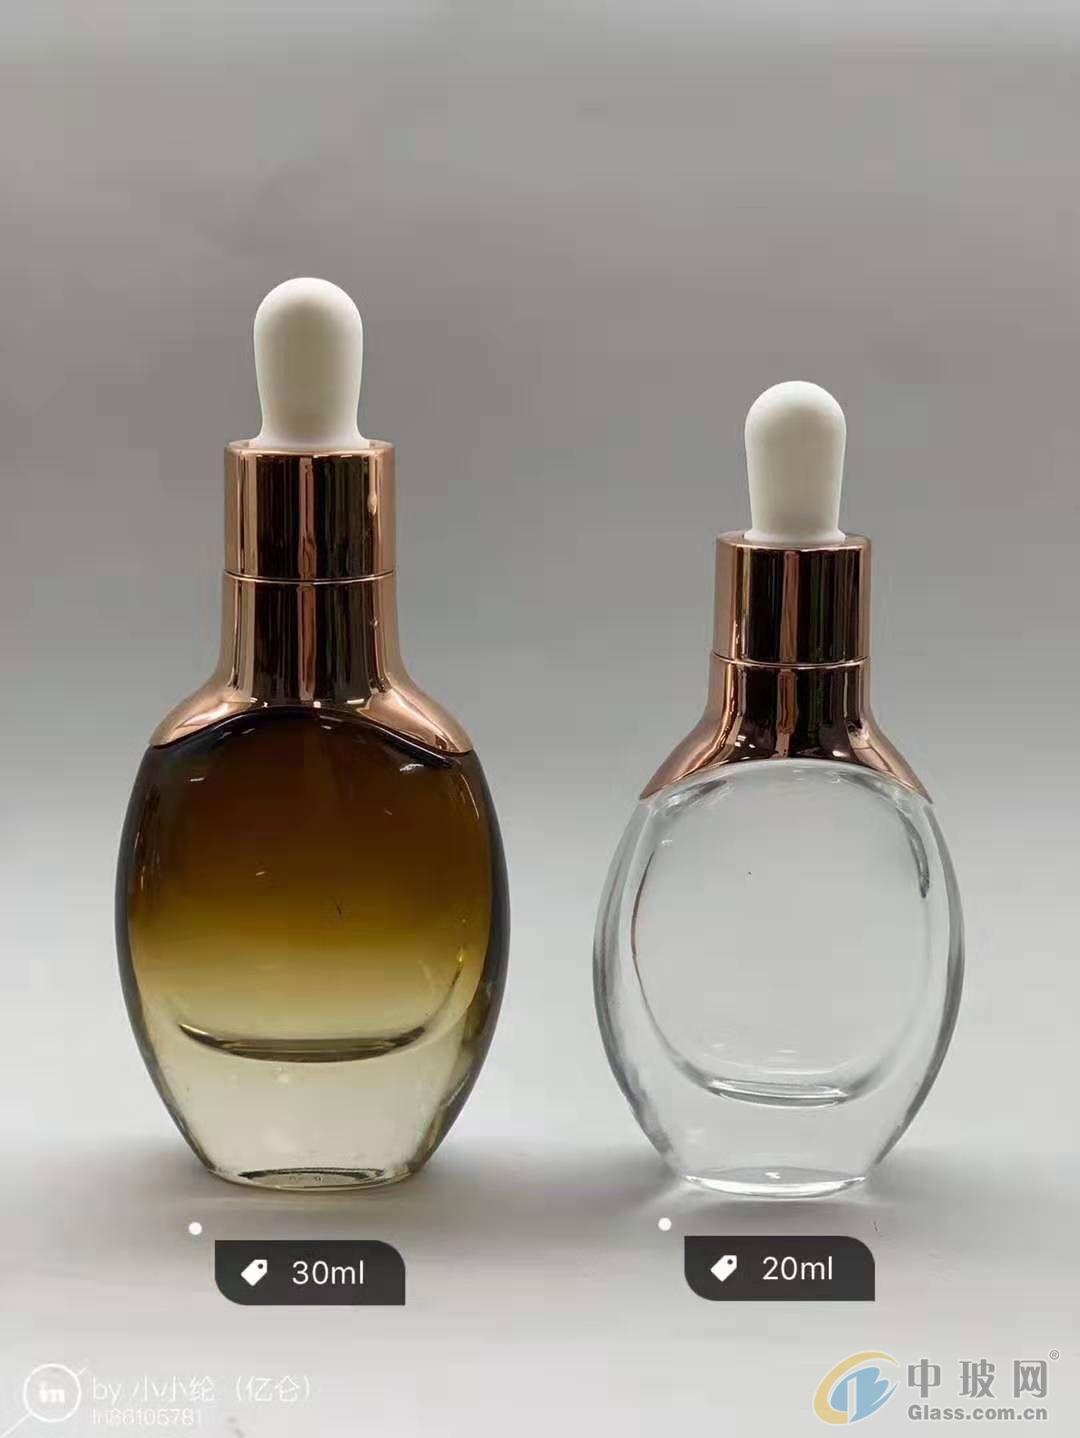 生产加工玻璃肩套瓶 玻璃瓶厂 肩套瓶生产厂家